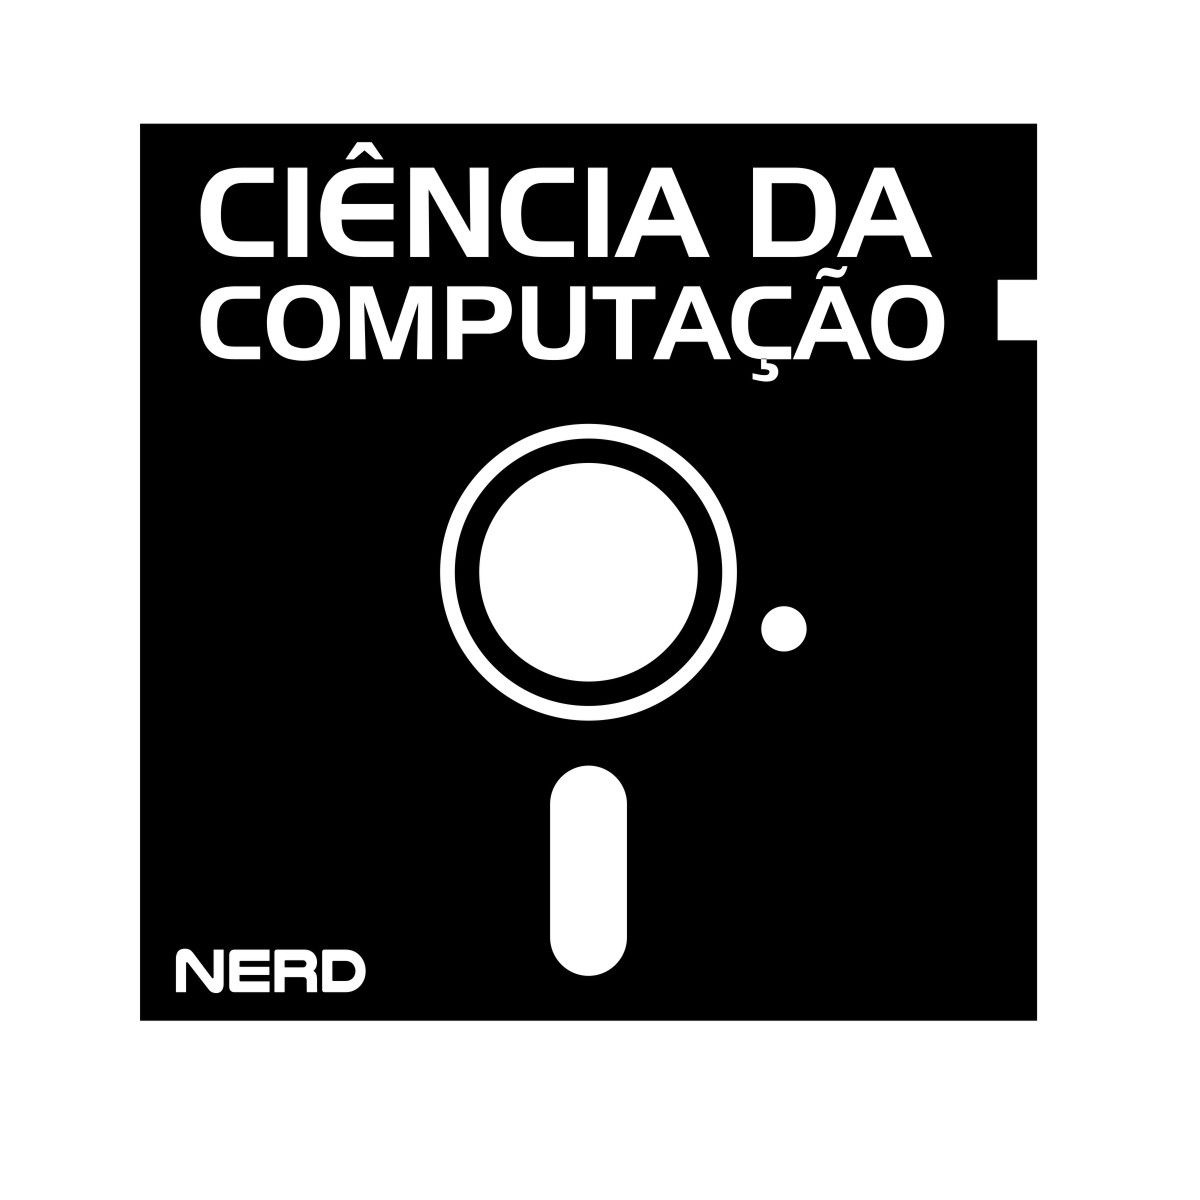 Adesivo Curso ou Profissão Ciência da computação